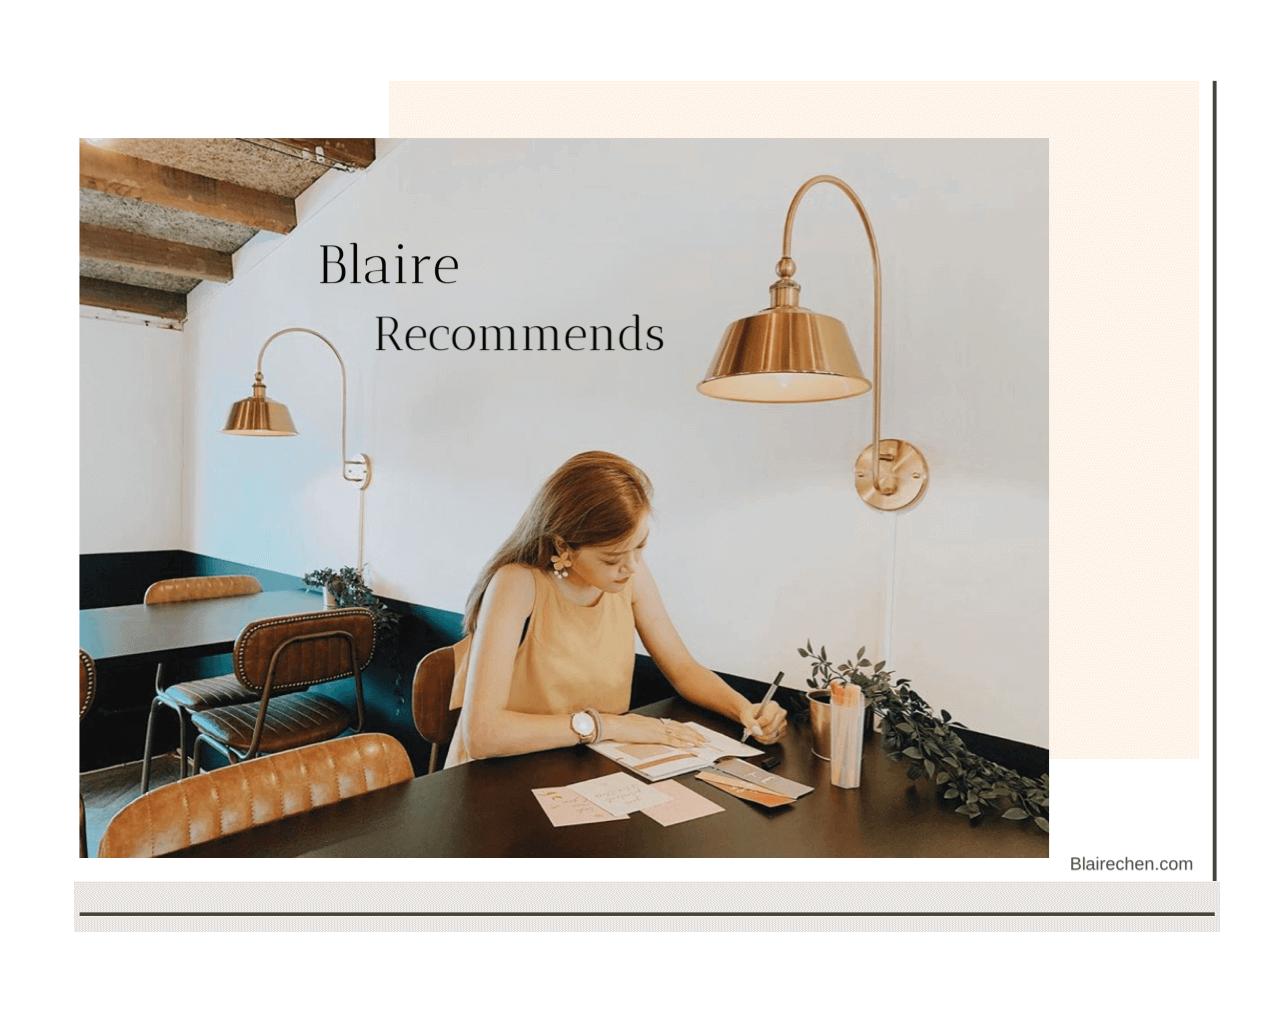 【關於好書推薦】|Blaire好書分享,讓喜歡、勇敢和努力共存,創造自己想要的生活。